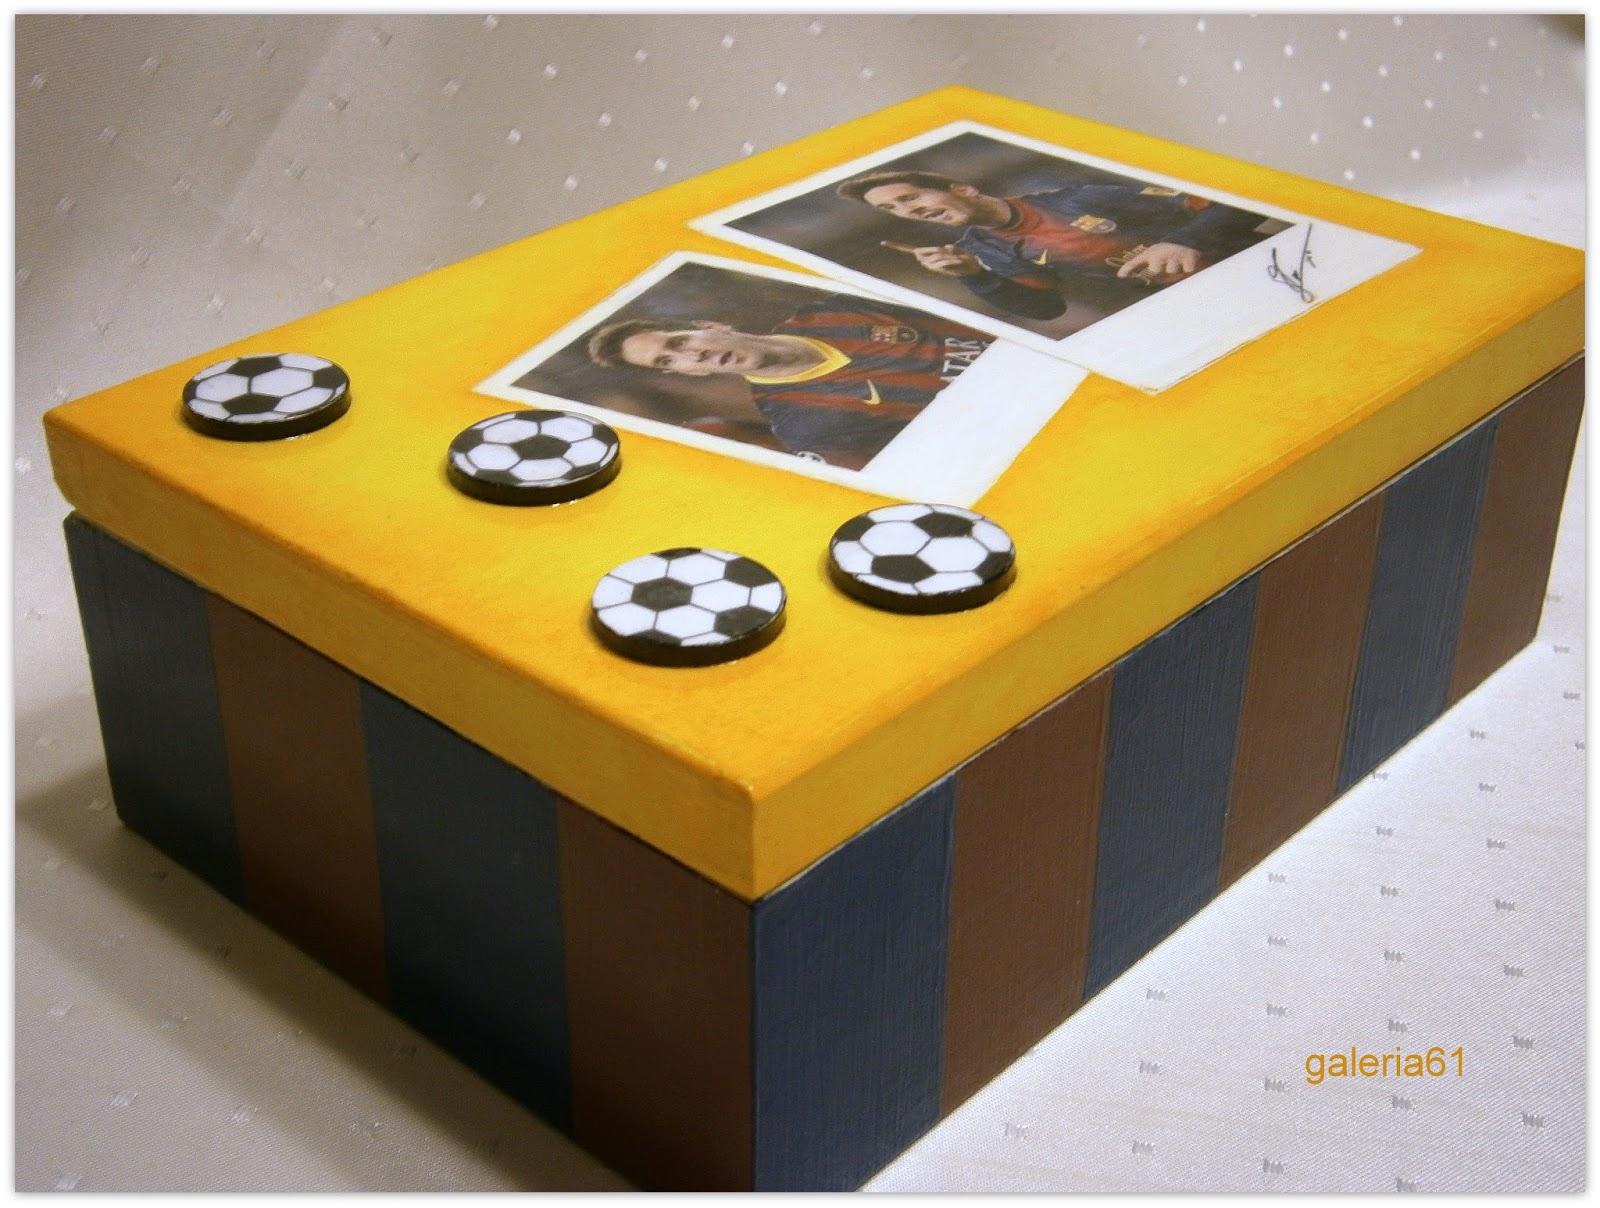 skrzynka decoupage dla chłopca, piłka nożna, Leo Messi, futbol